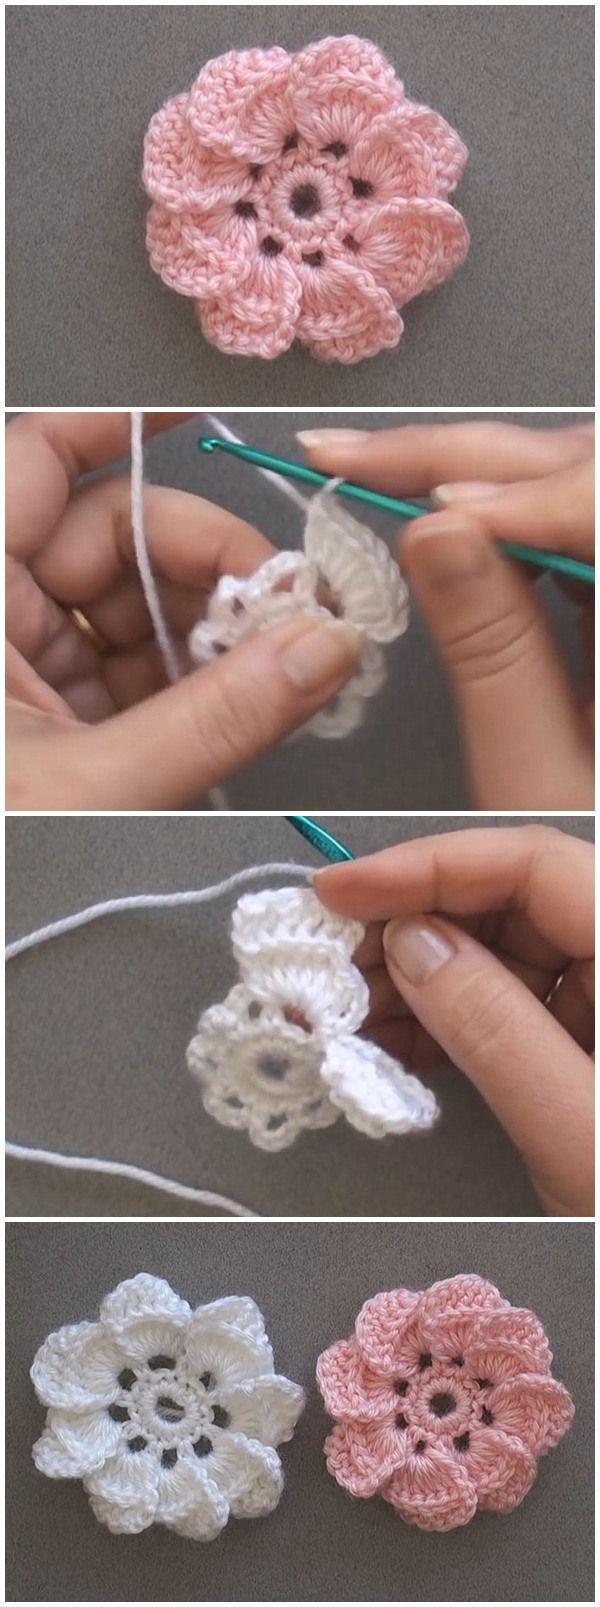 crochet 8 petal flower crochetflowers chroche flowers crochet